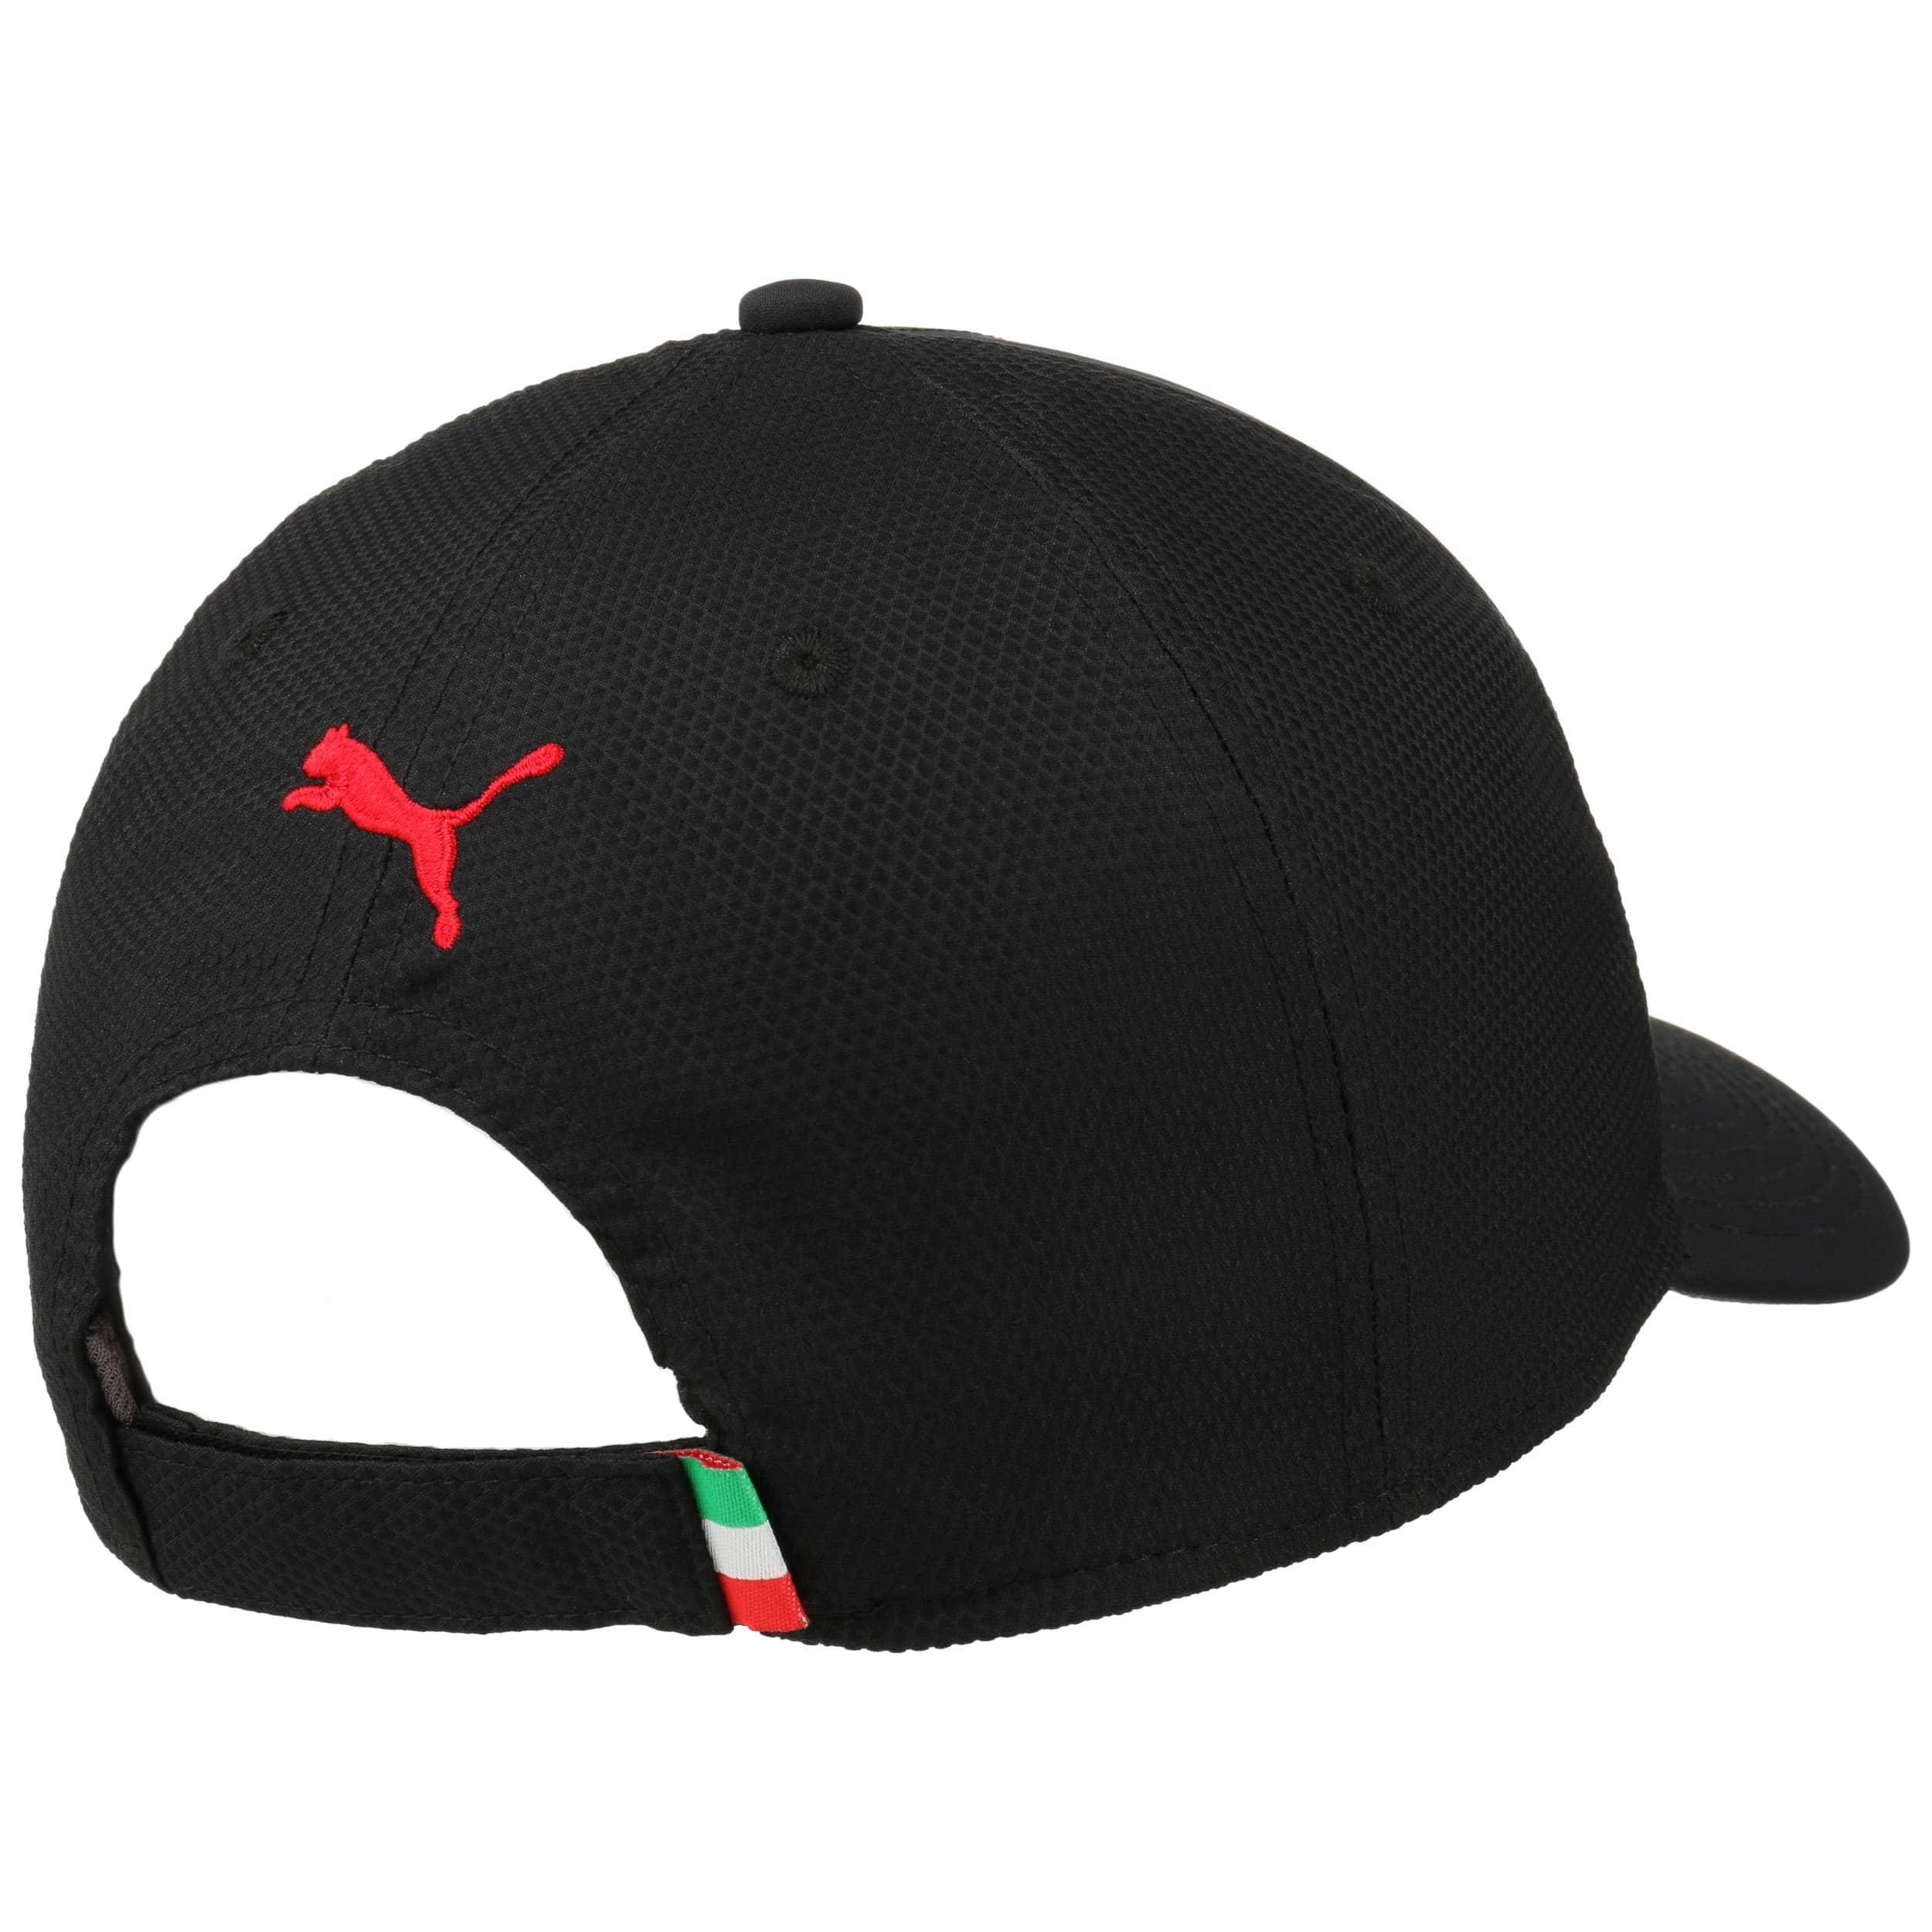 ... Ferrari Fanwear Strapback Cap by PUMA - black 3 ... 14b383c6729